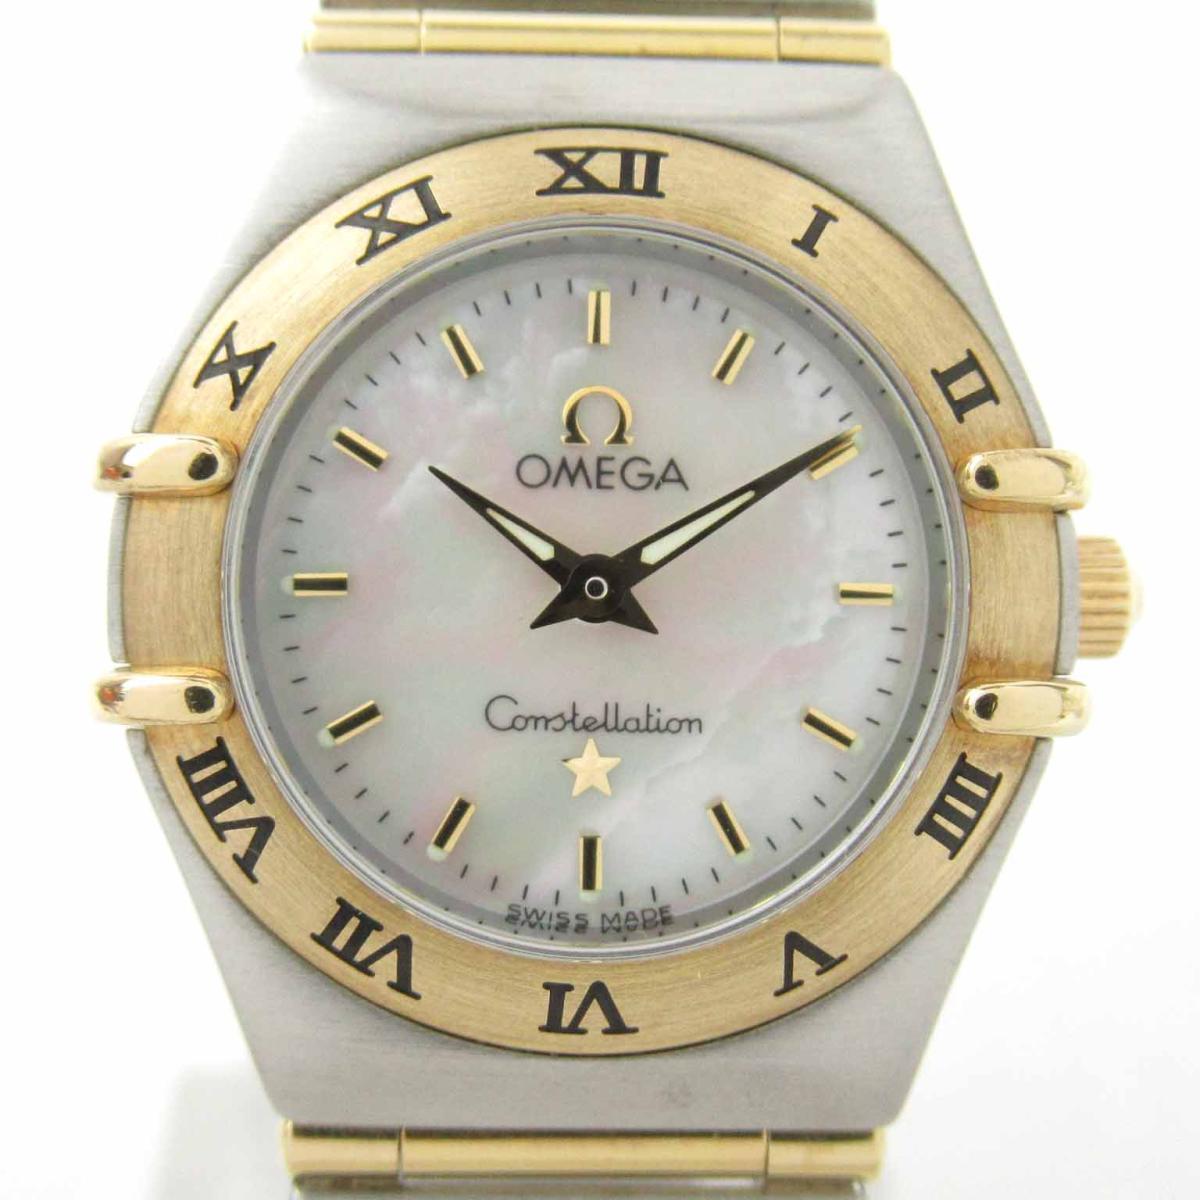 【中古】 オメガ コンステレーション ウォッチ 腕時計 レディース K18YG (750) イエローゴールド ステンレススチール (SS) | OMEGA BRANDOFF ブランドオフ ブランド ブランド時計 ブランド腕時計 時計